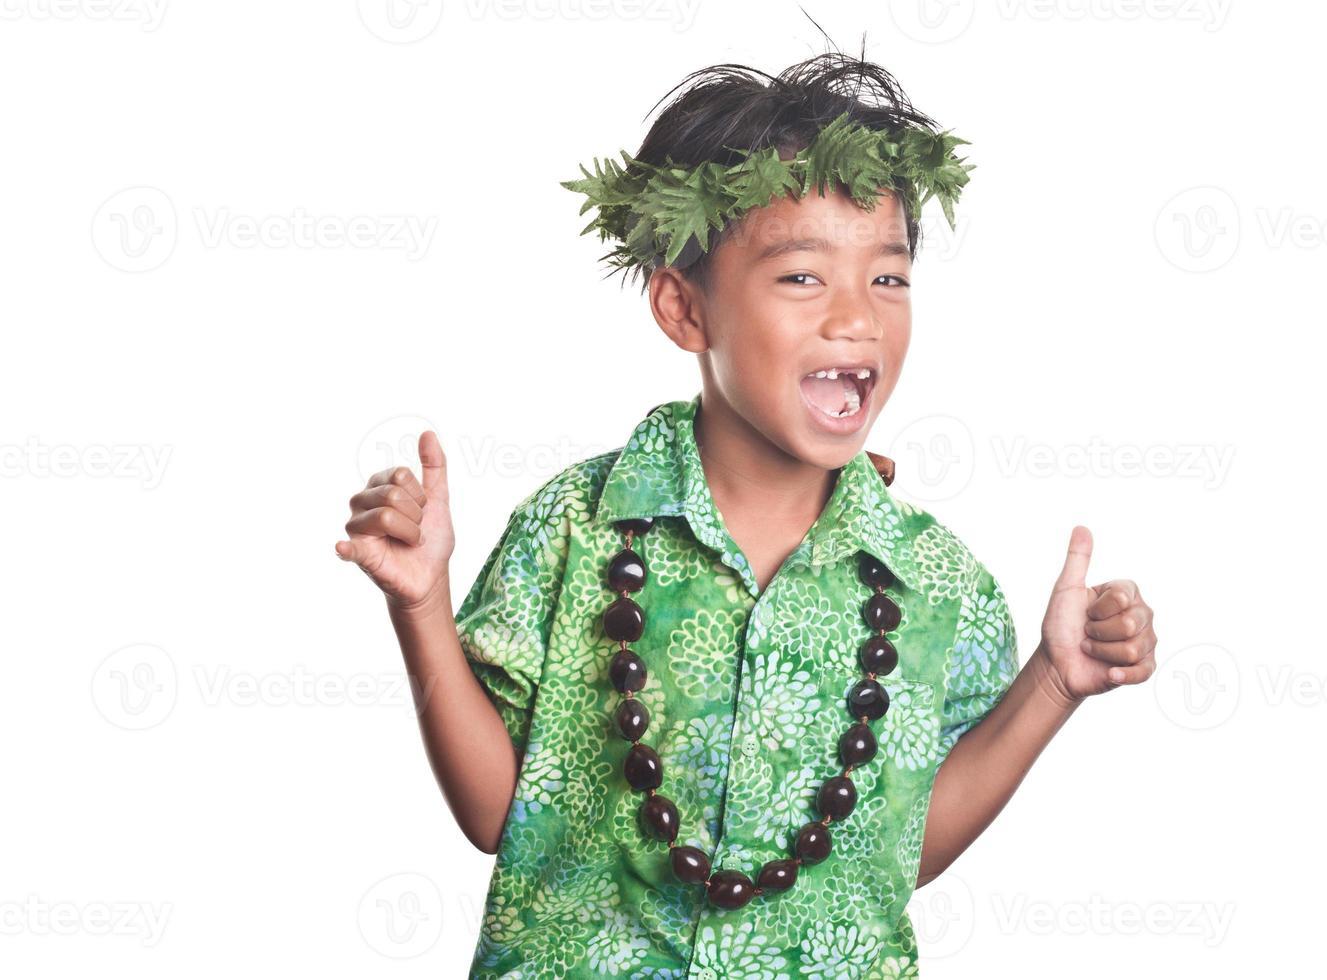 jovem macho espalhando aloha alegria foto